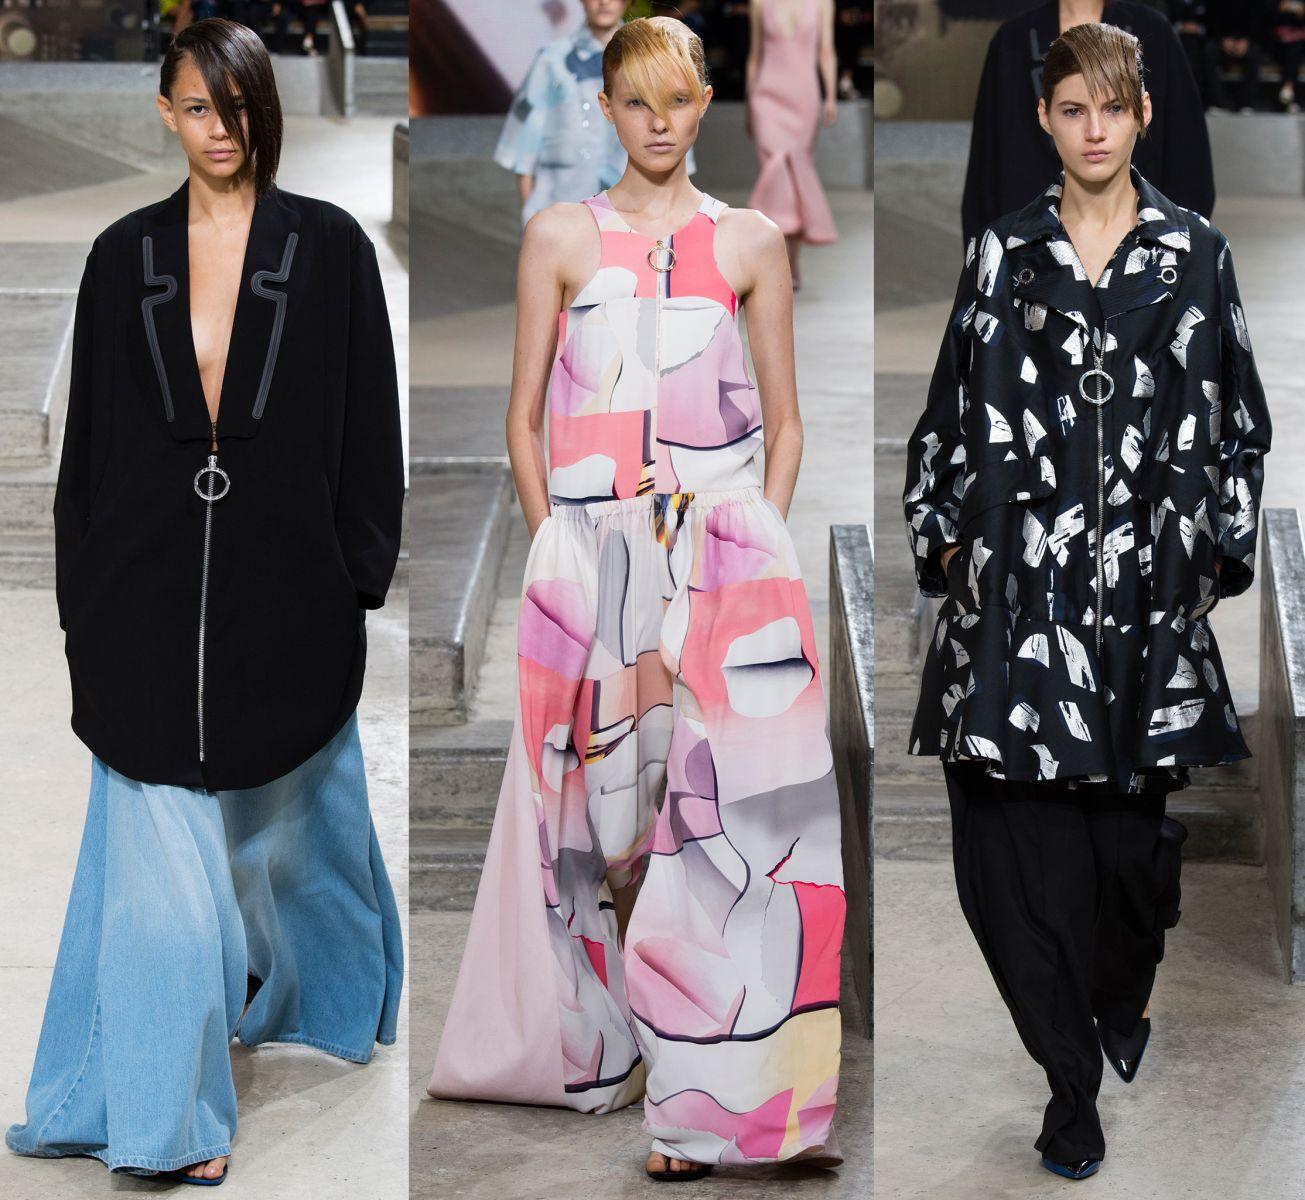 Неделя моды в Париже: Kenzo, весна-лето 2015 - фото №1